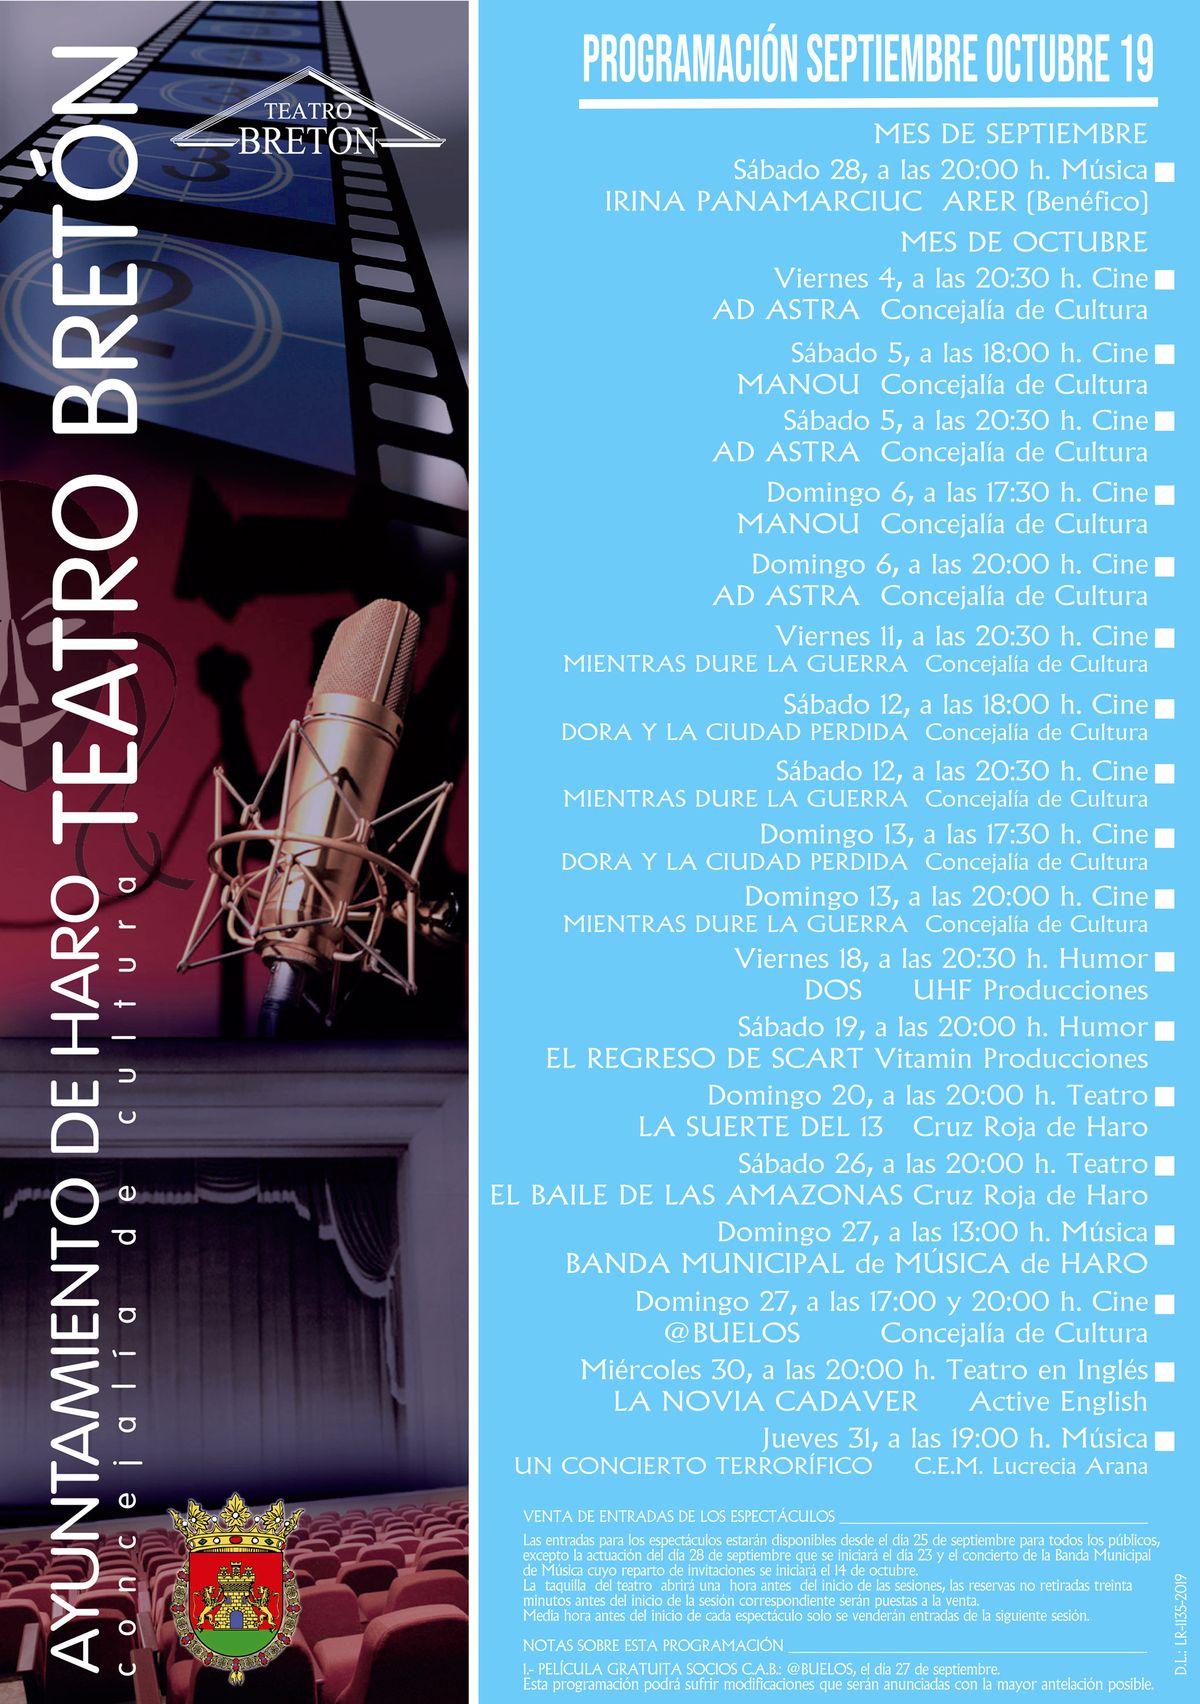 Cine, música y teatro centran la programación de octubre del teatro Bretón de Haro 1